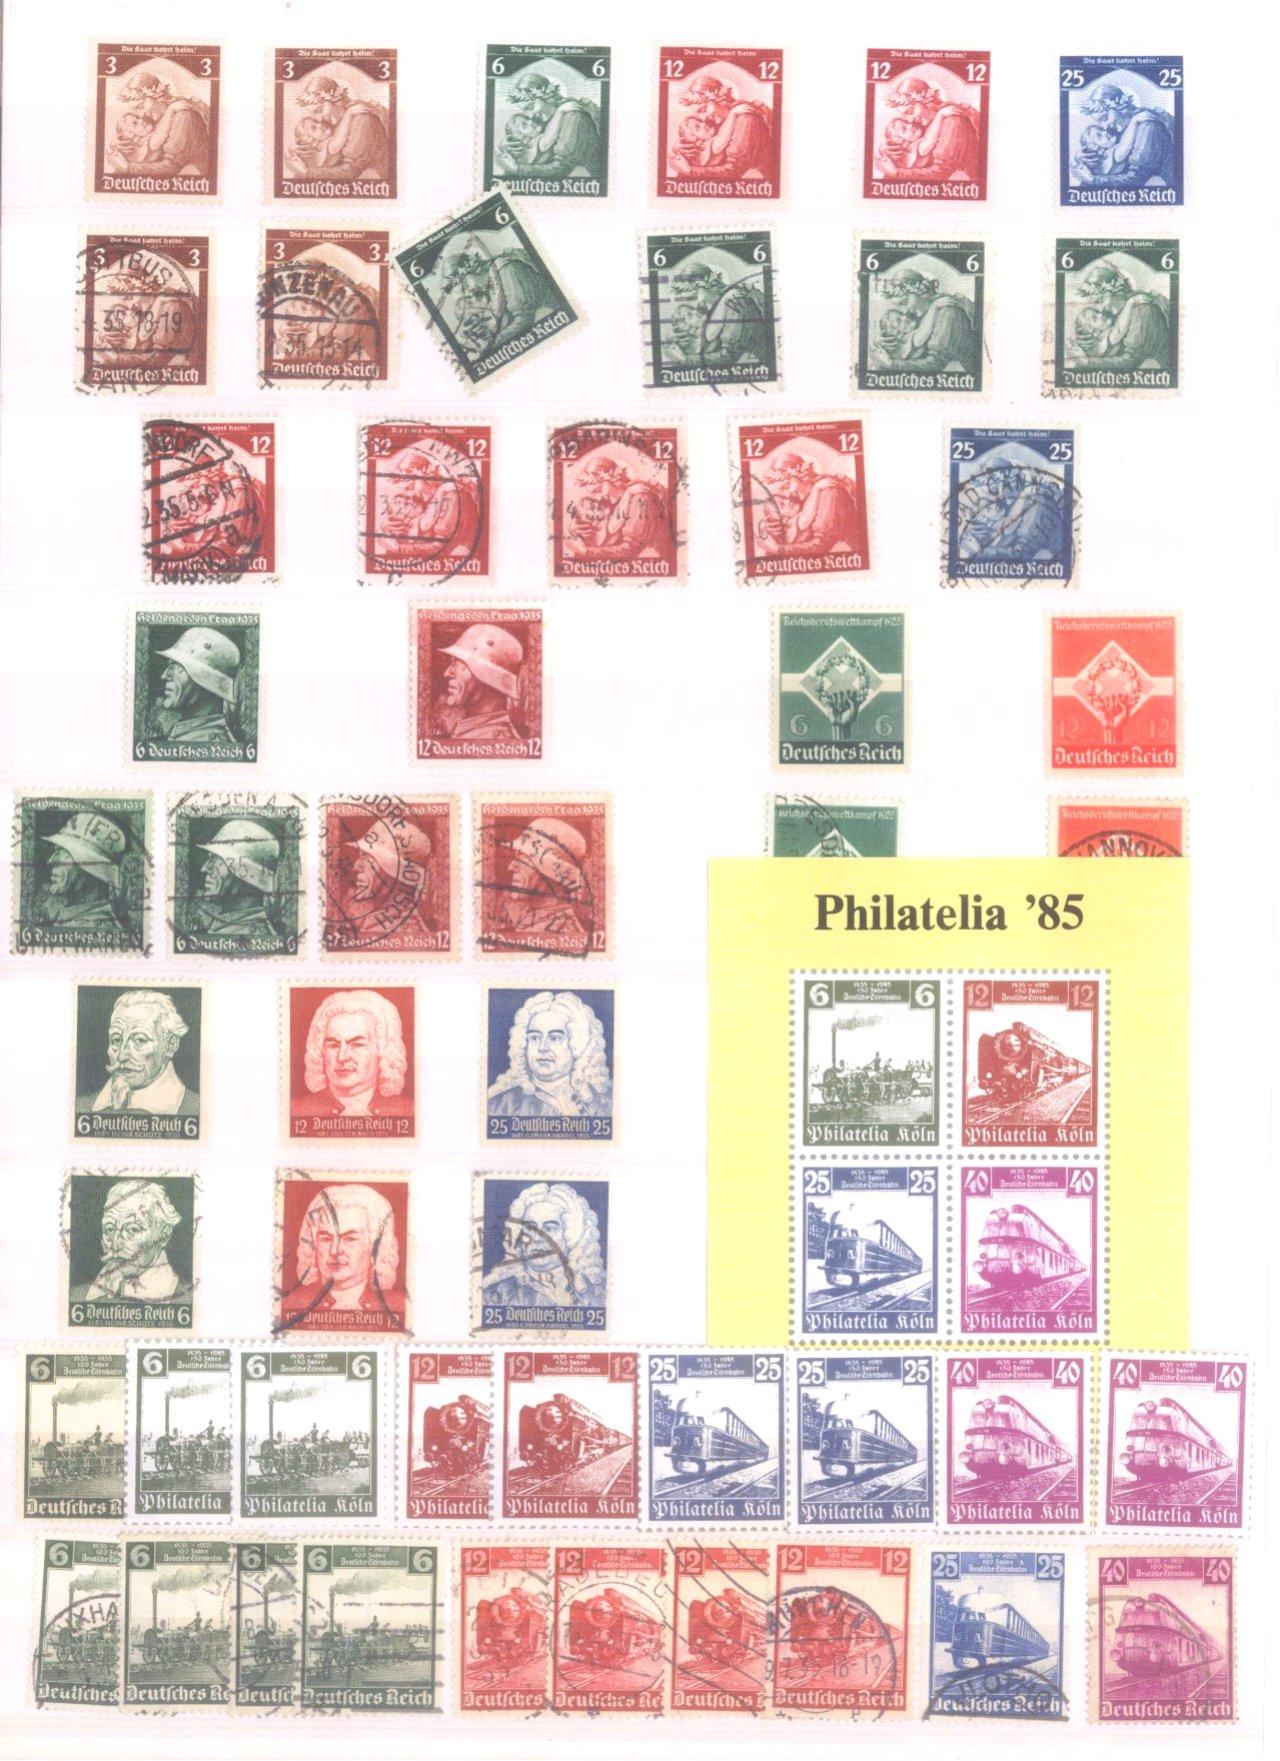 Sammlung Deutsches Reich in 2 Alben, 1933-1945-7